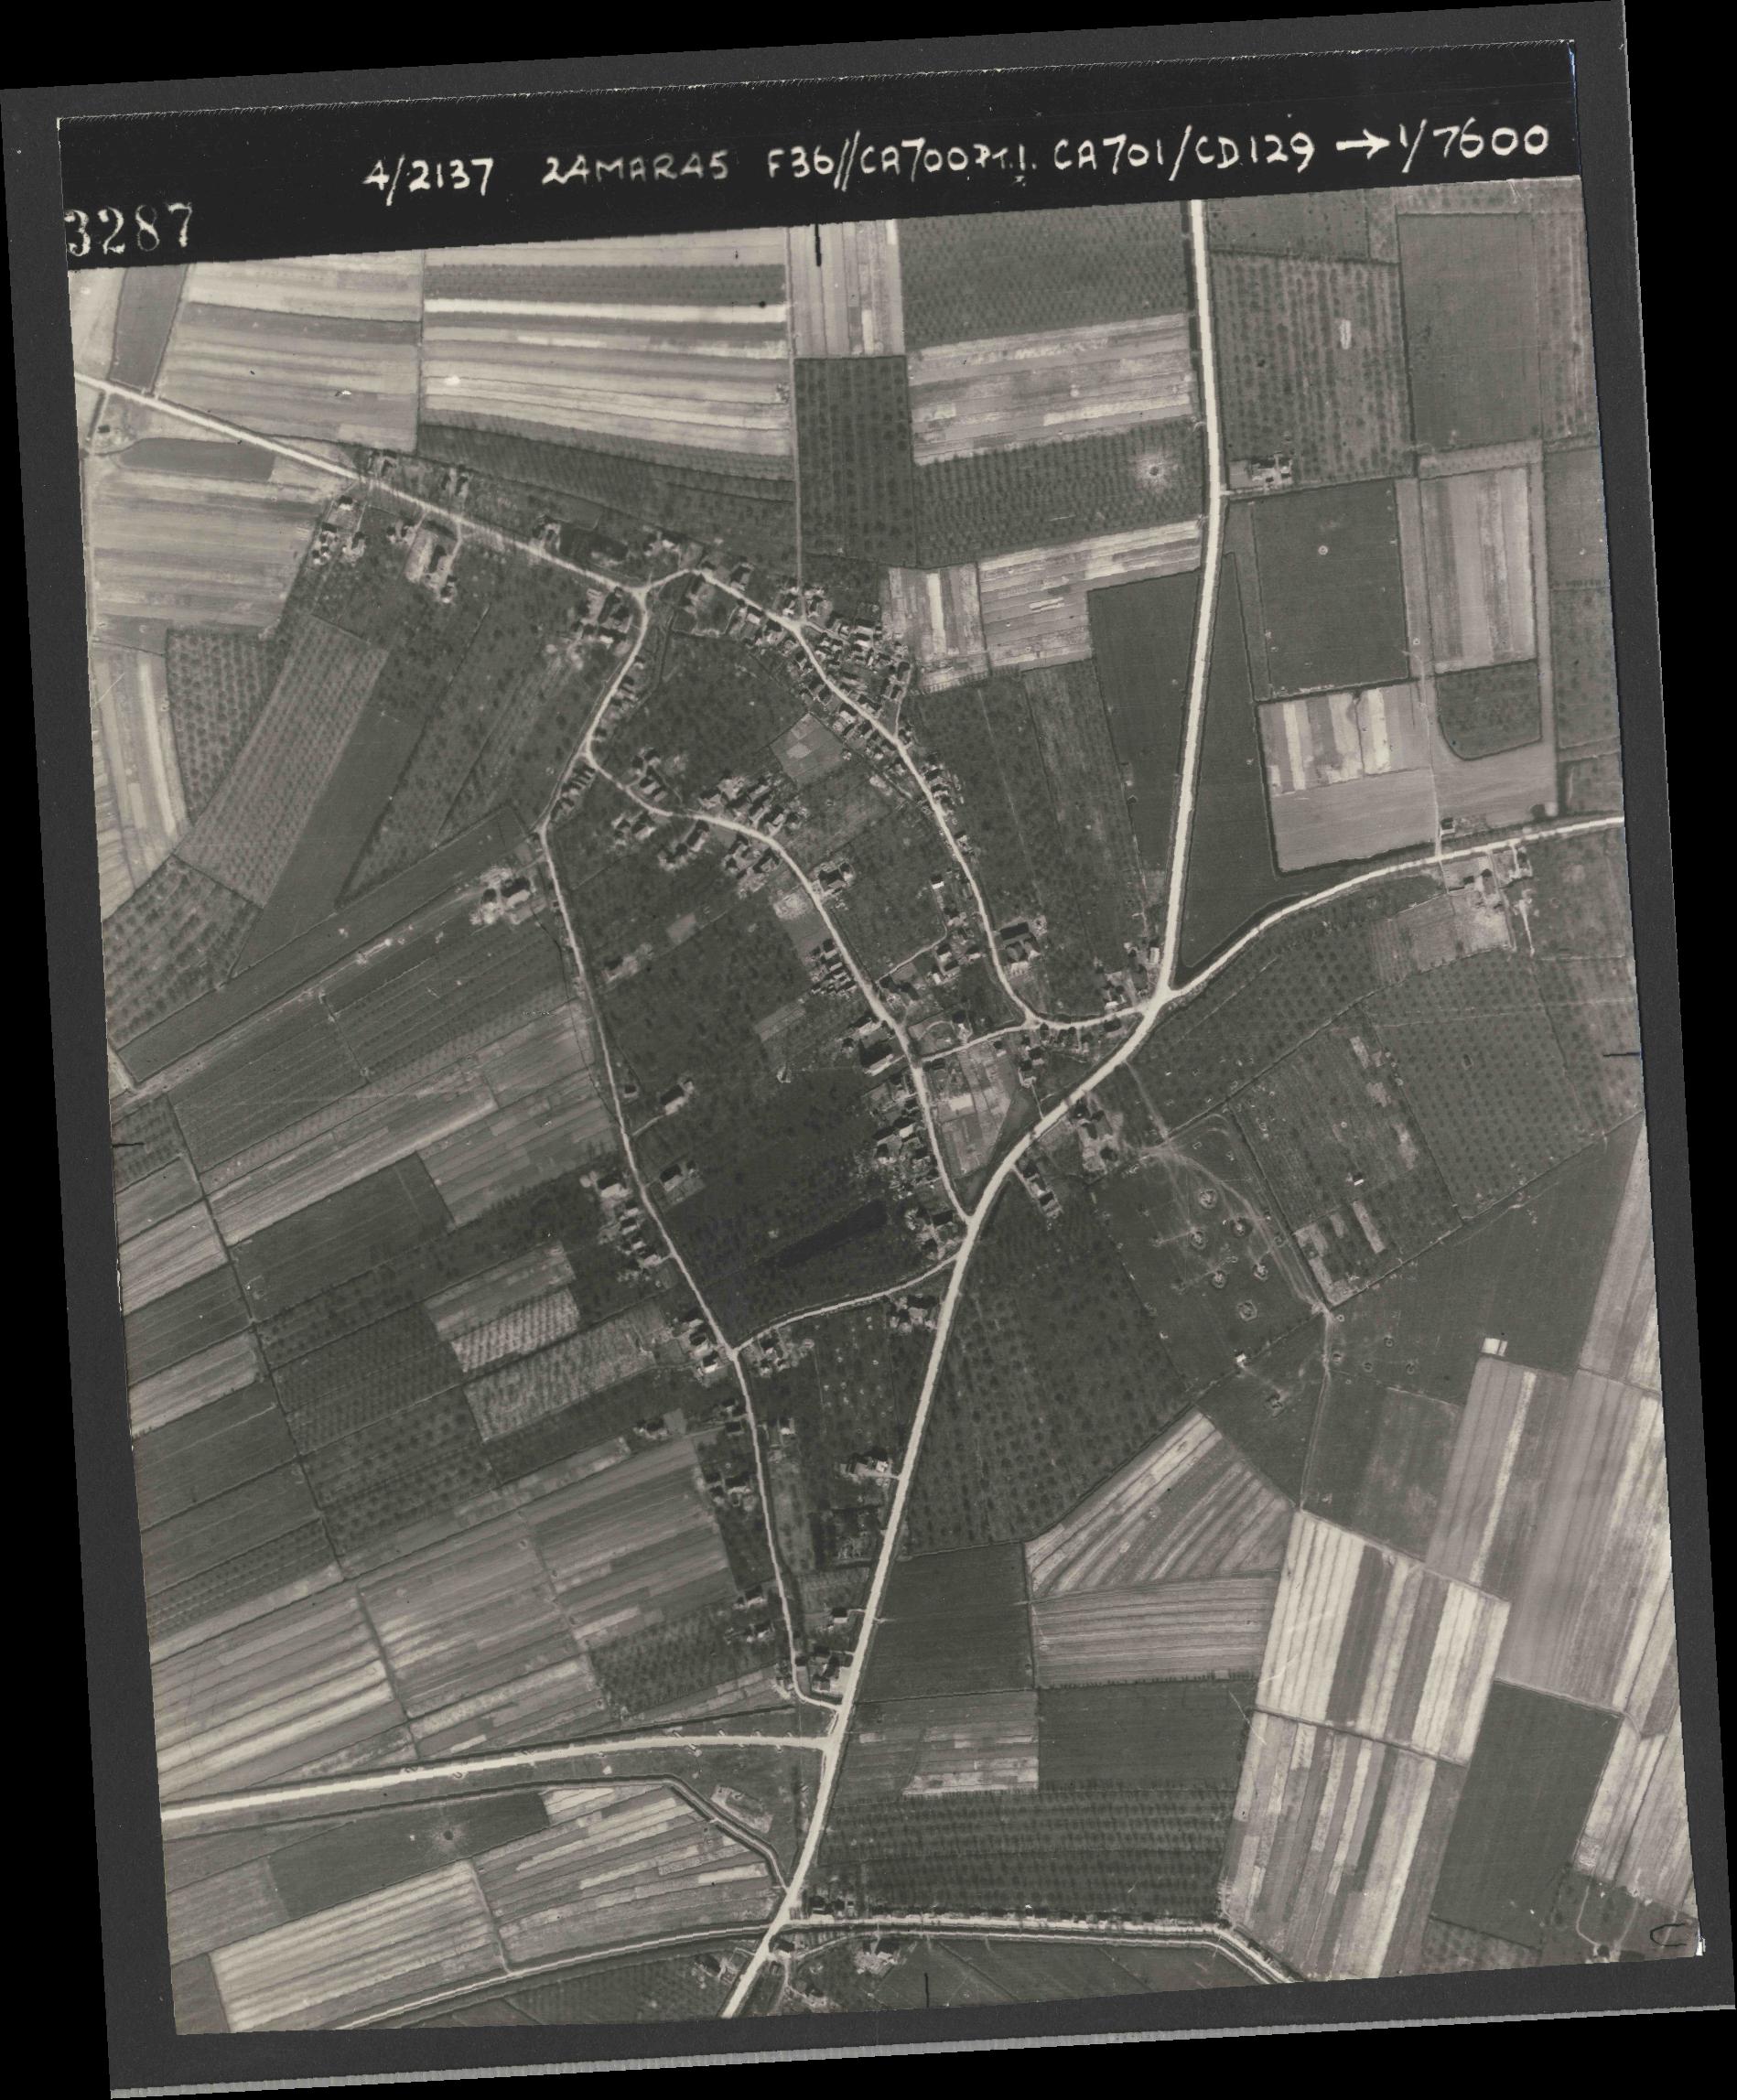 Collection RAF aerial photos 1940-1945 - flight 054, run 09, photo 3287